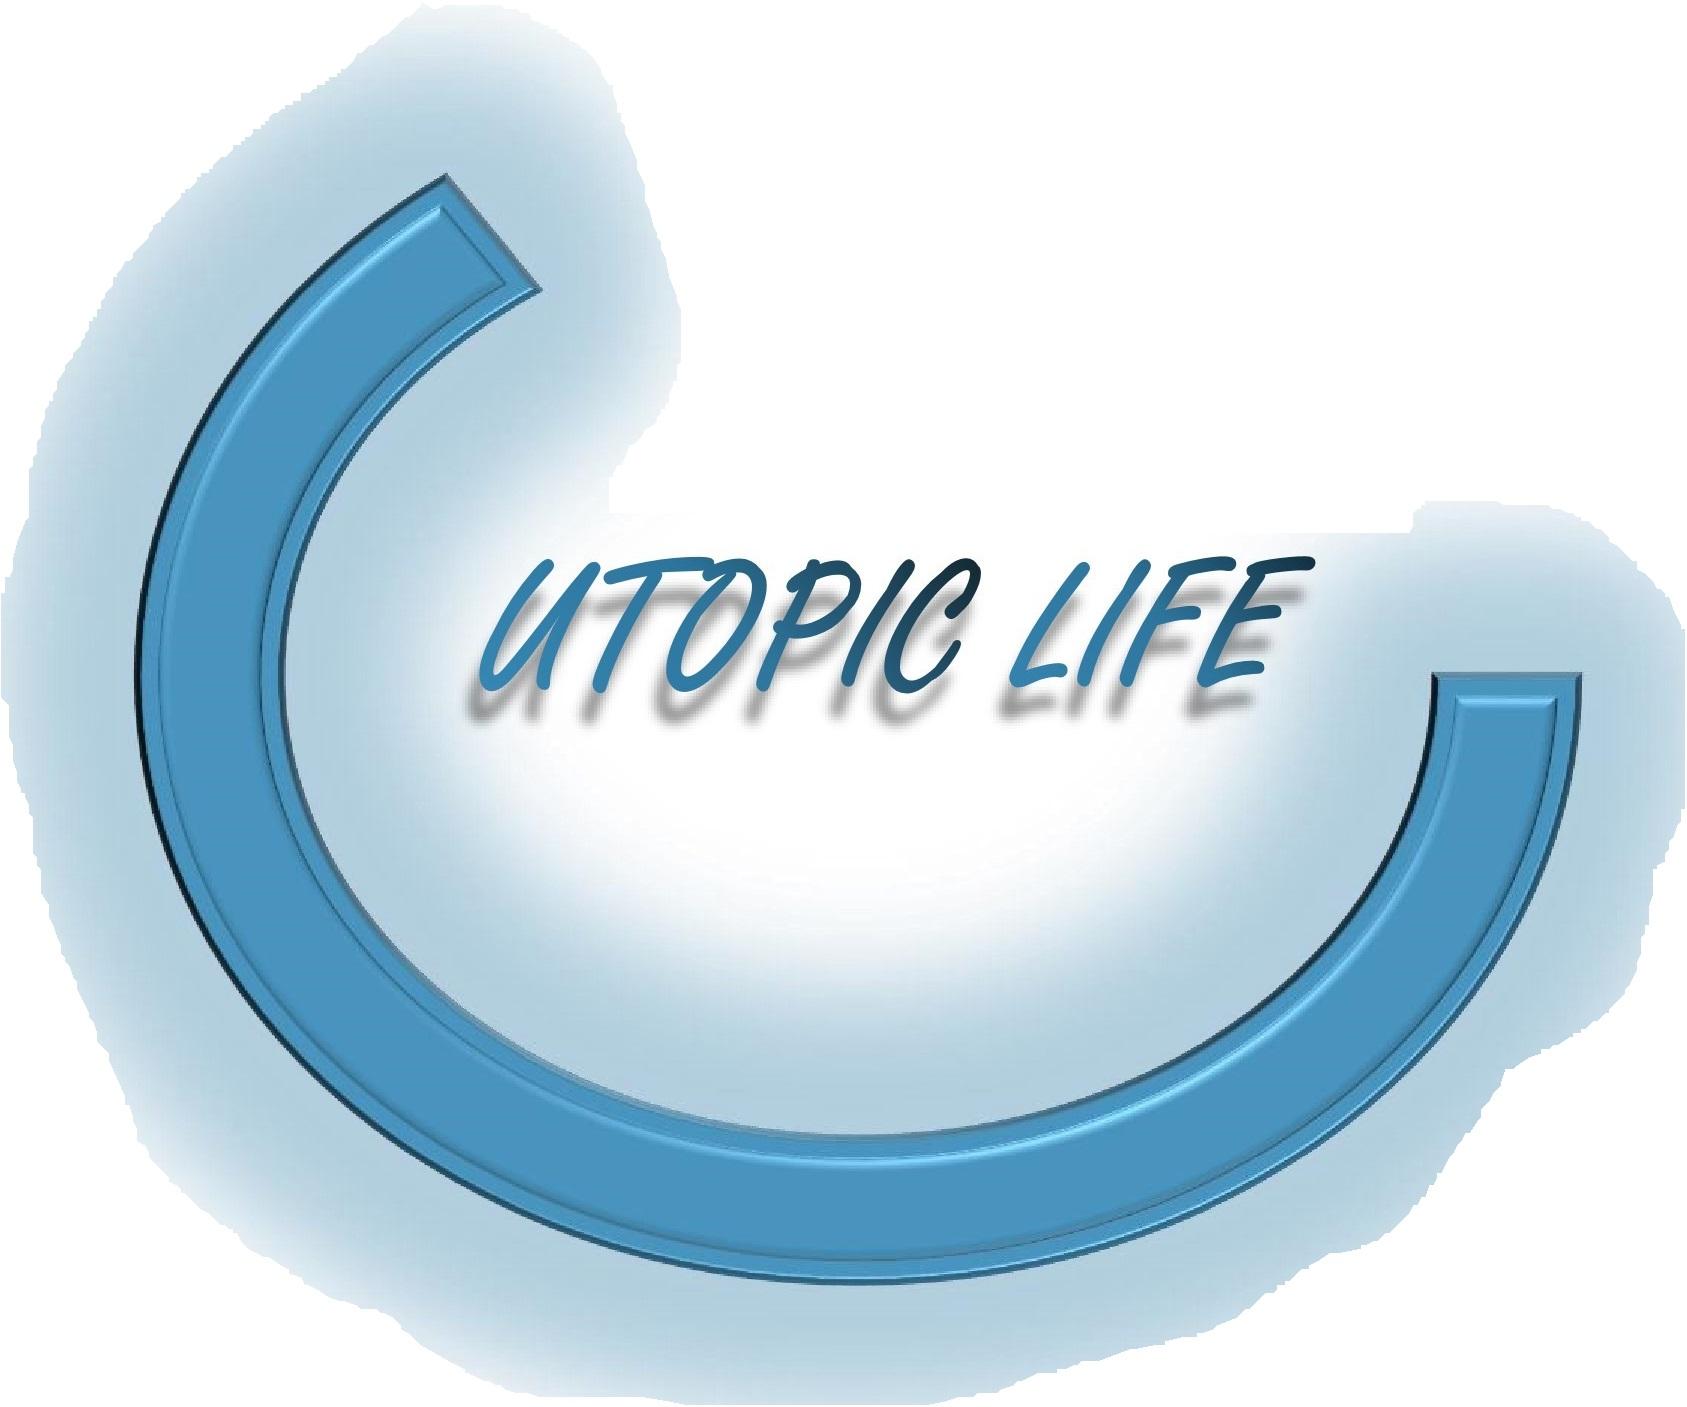 Utopic Life